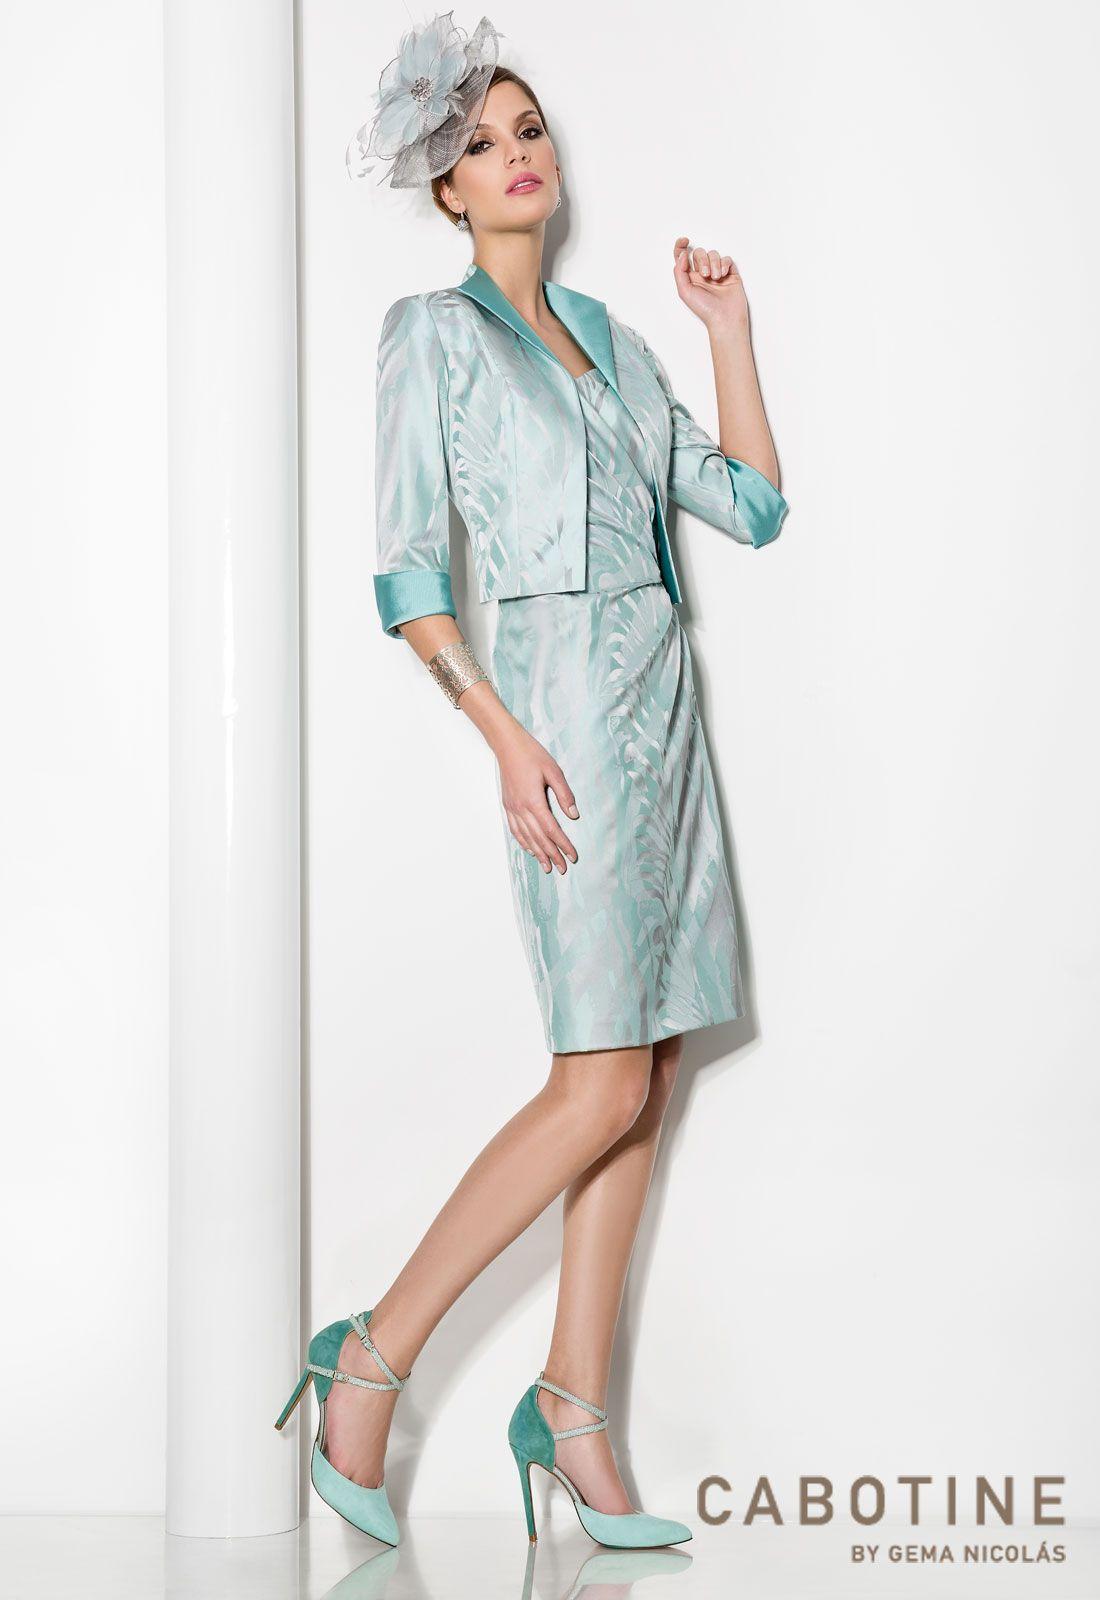 DONNA 6188  Conjunto vestido de fiesta y chaqueta en Jacquard con detalles en cristal, en color verde agua